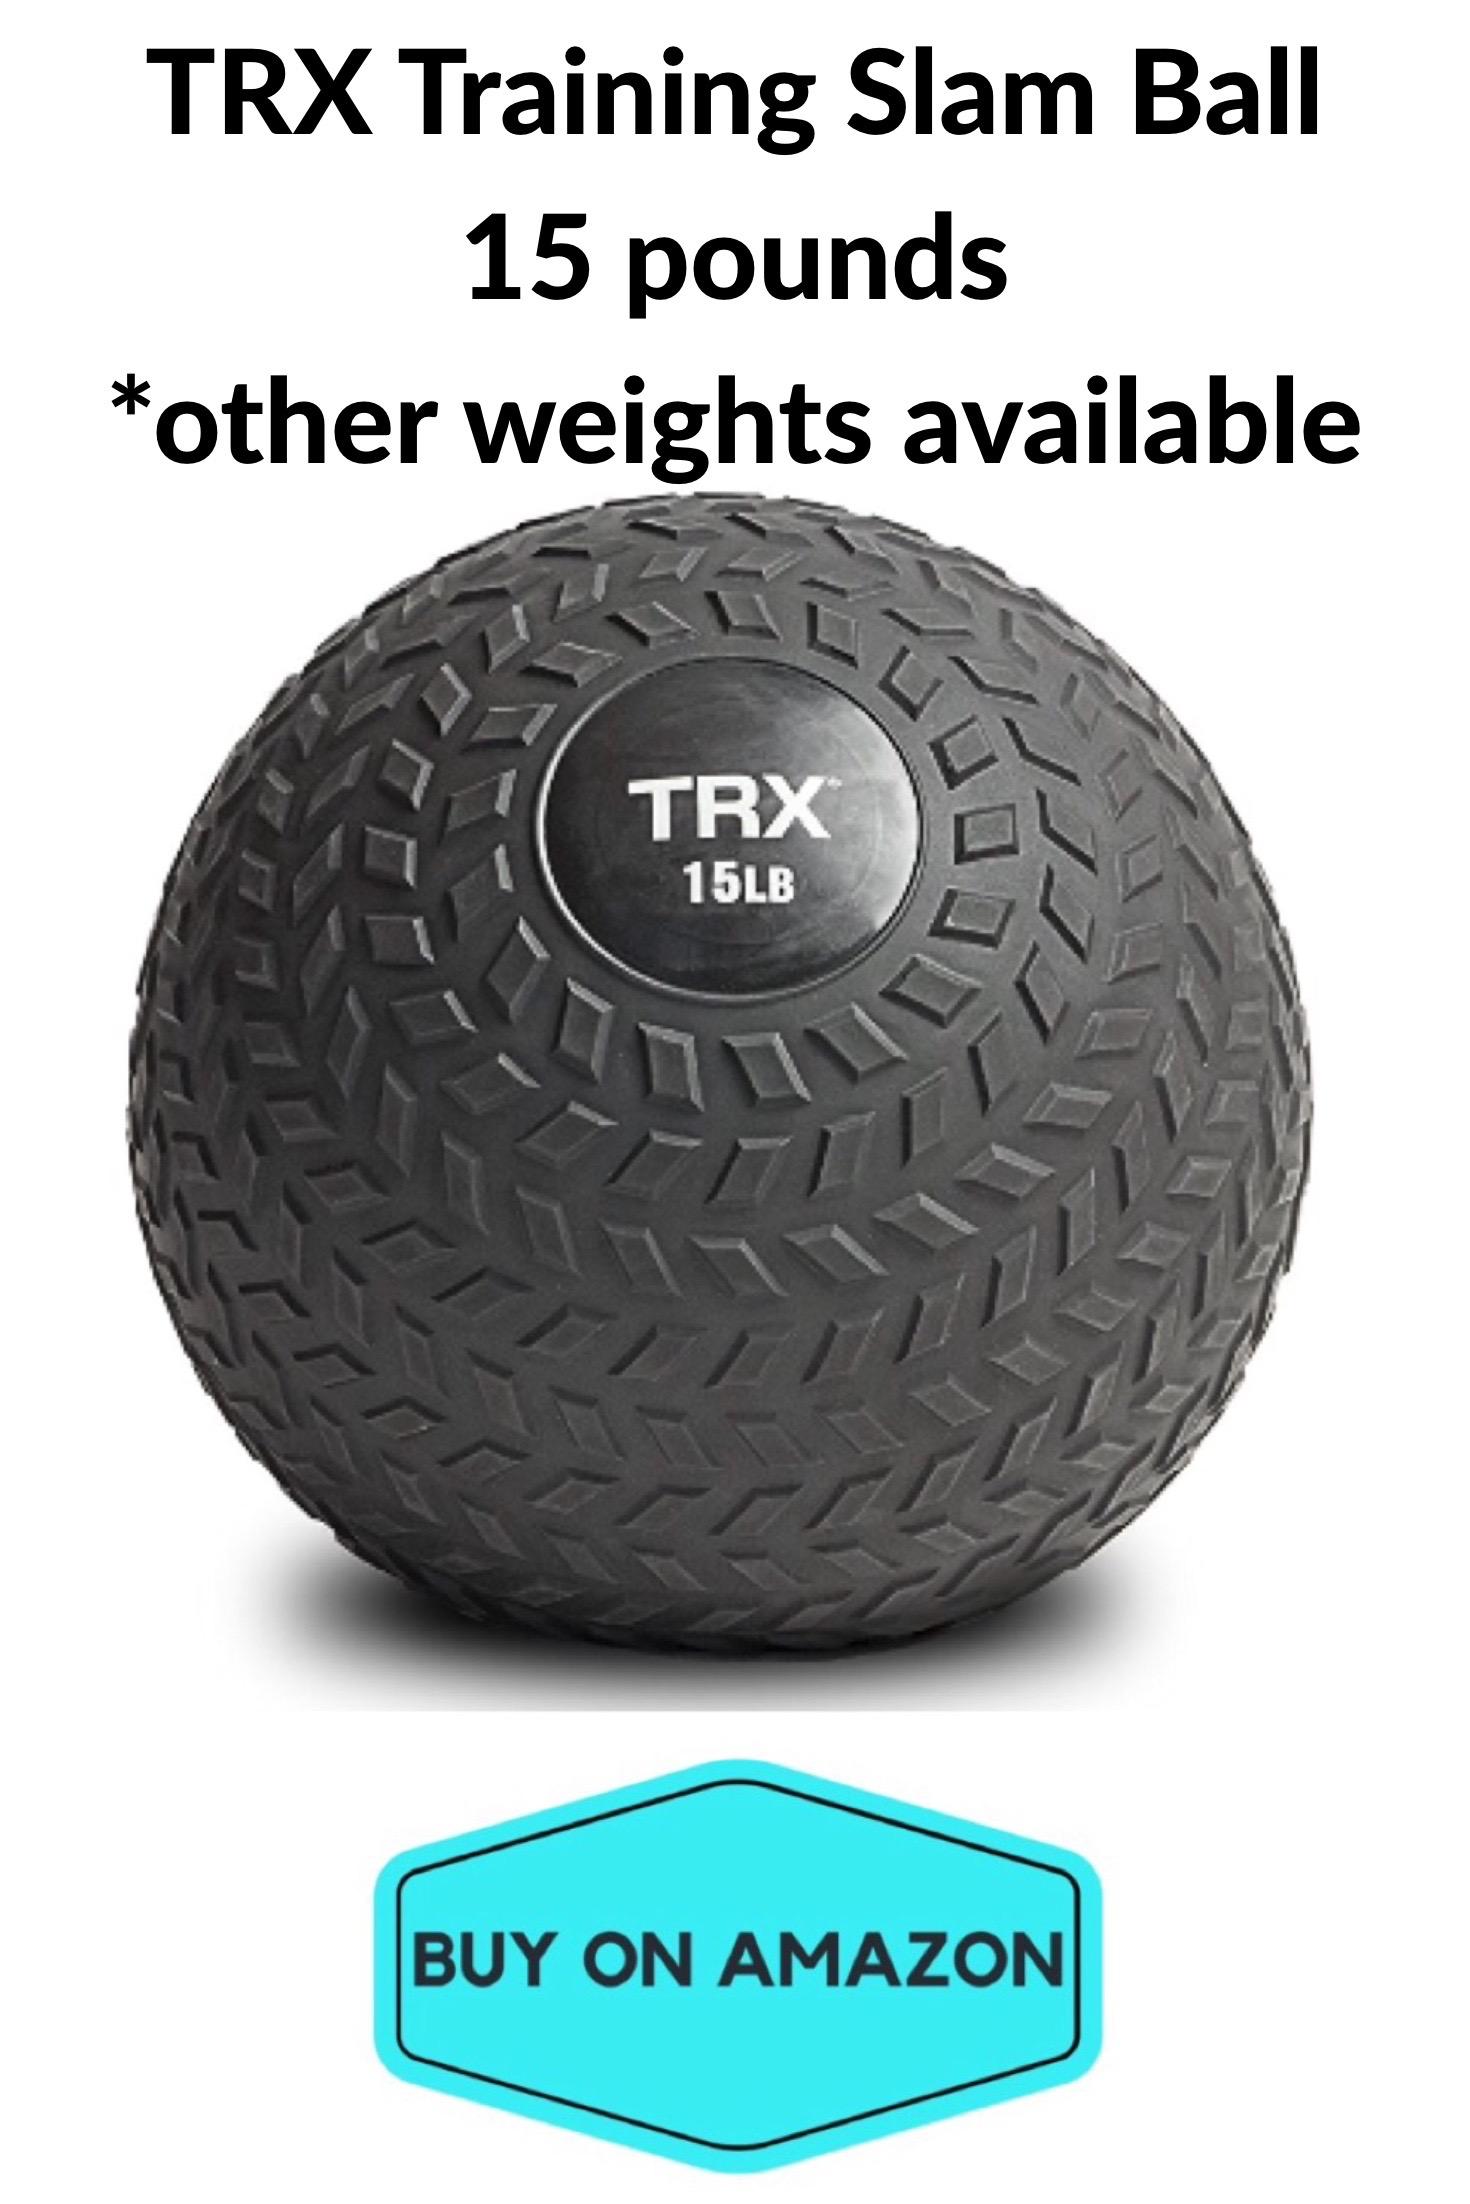 TRX Training Slam Ball